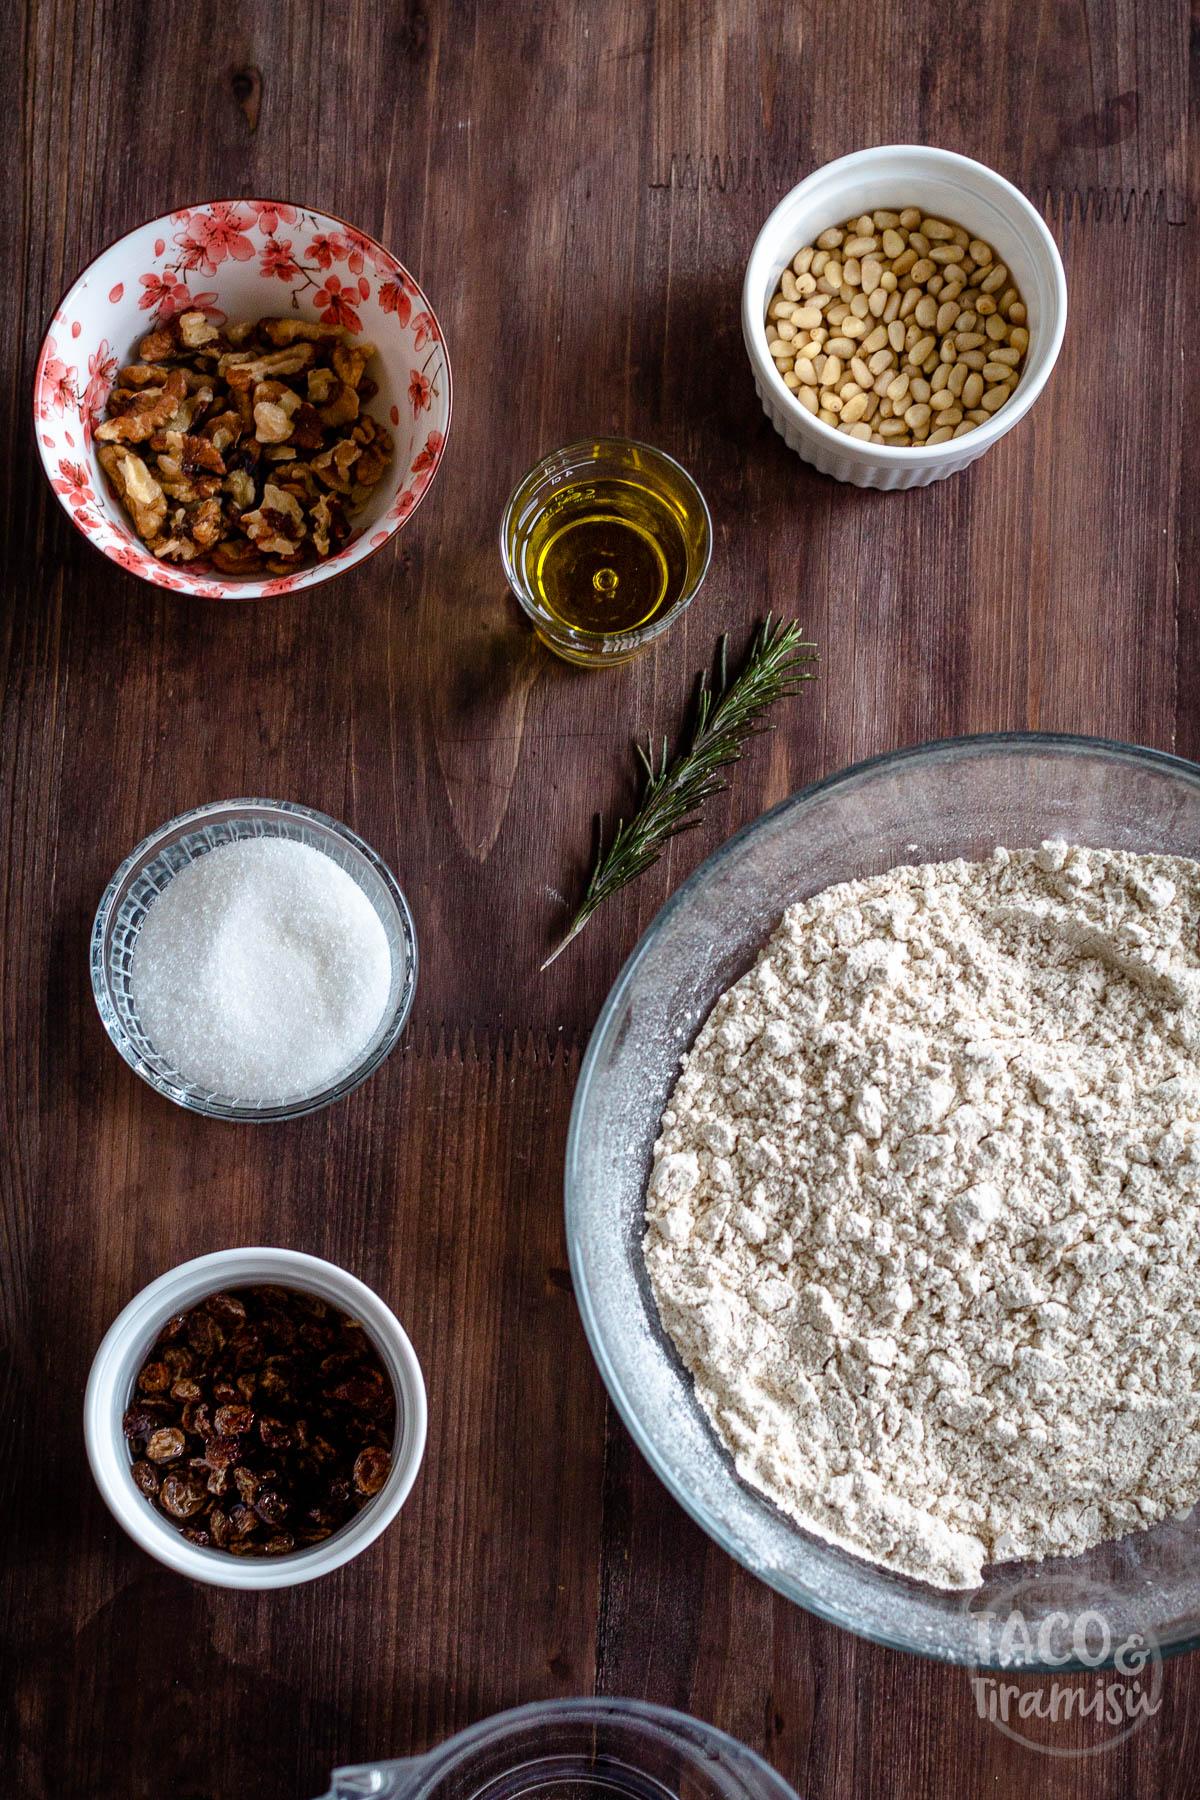 ingredients for castagnaccio